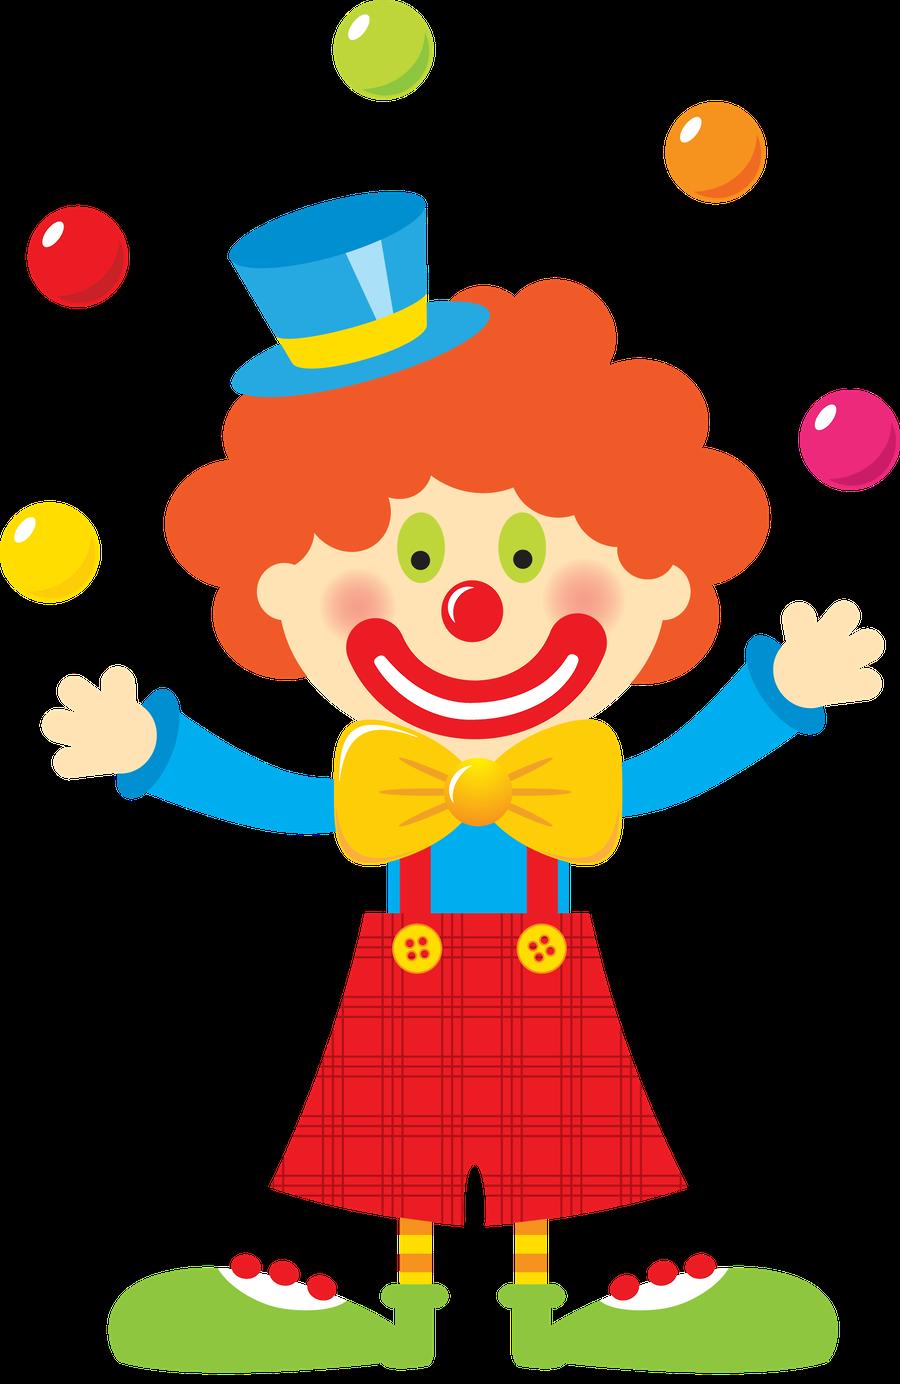 Minus say hello id. Clown clipart eye